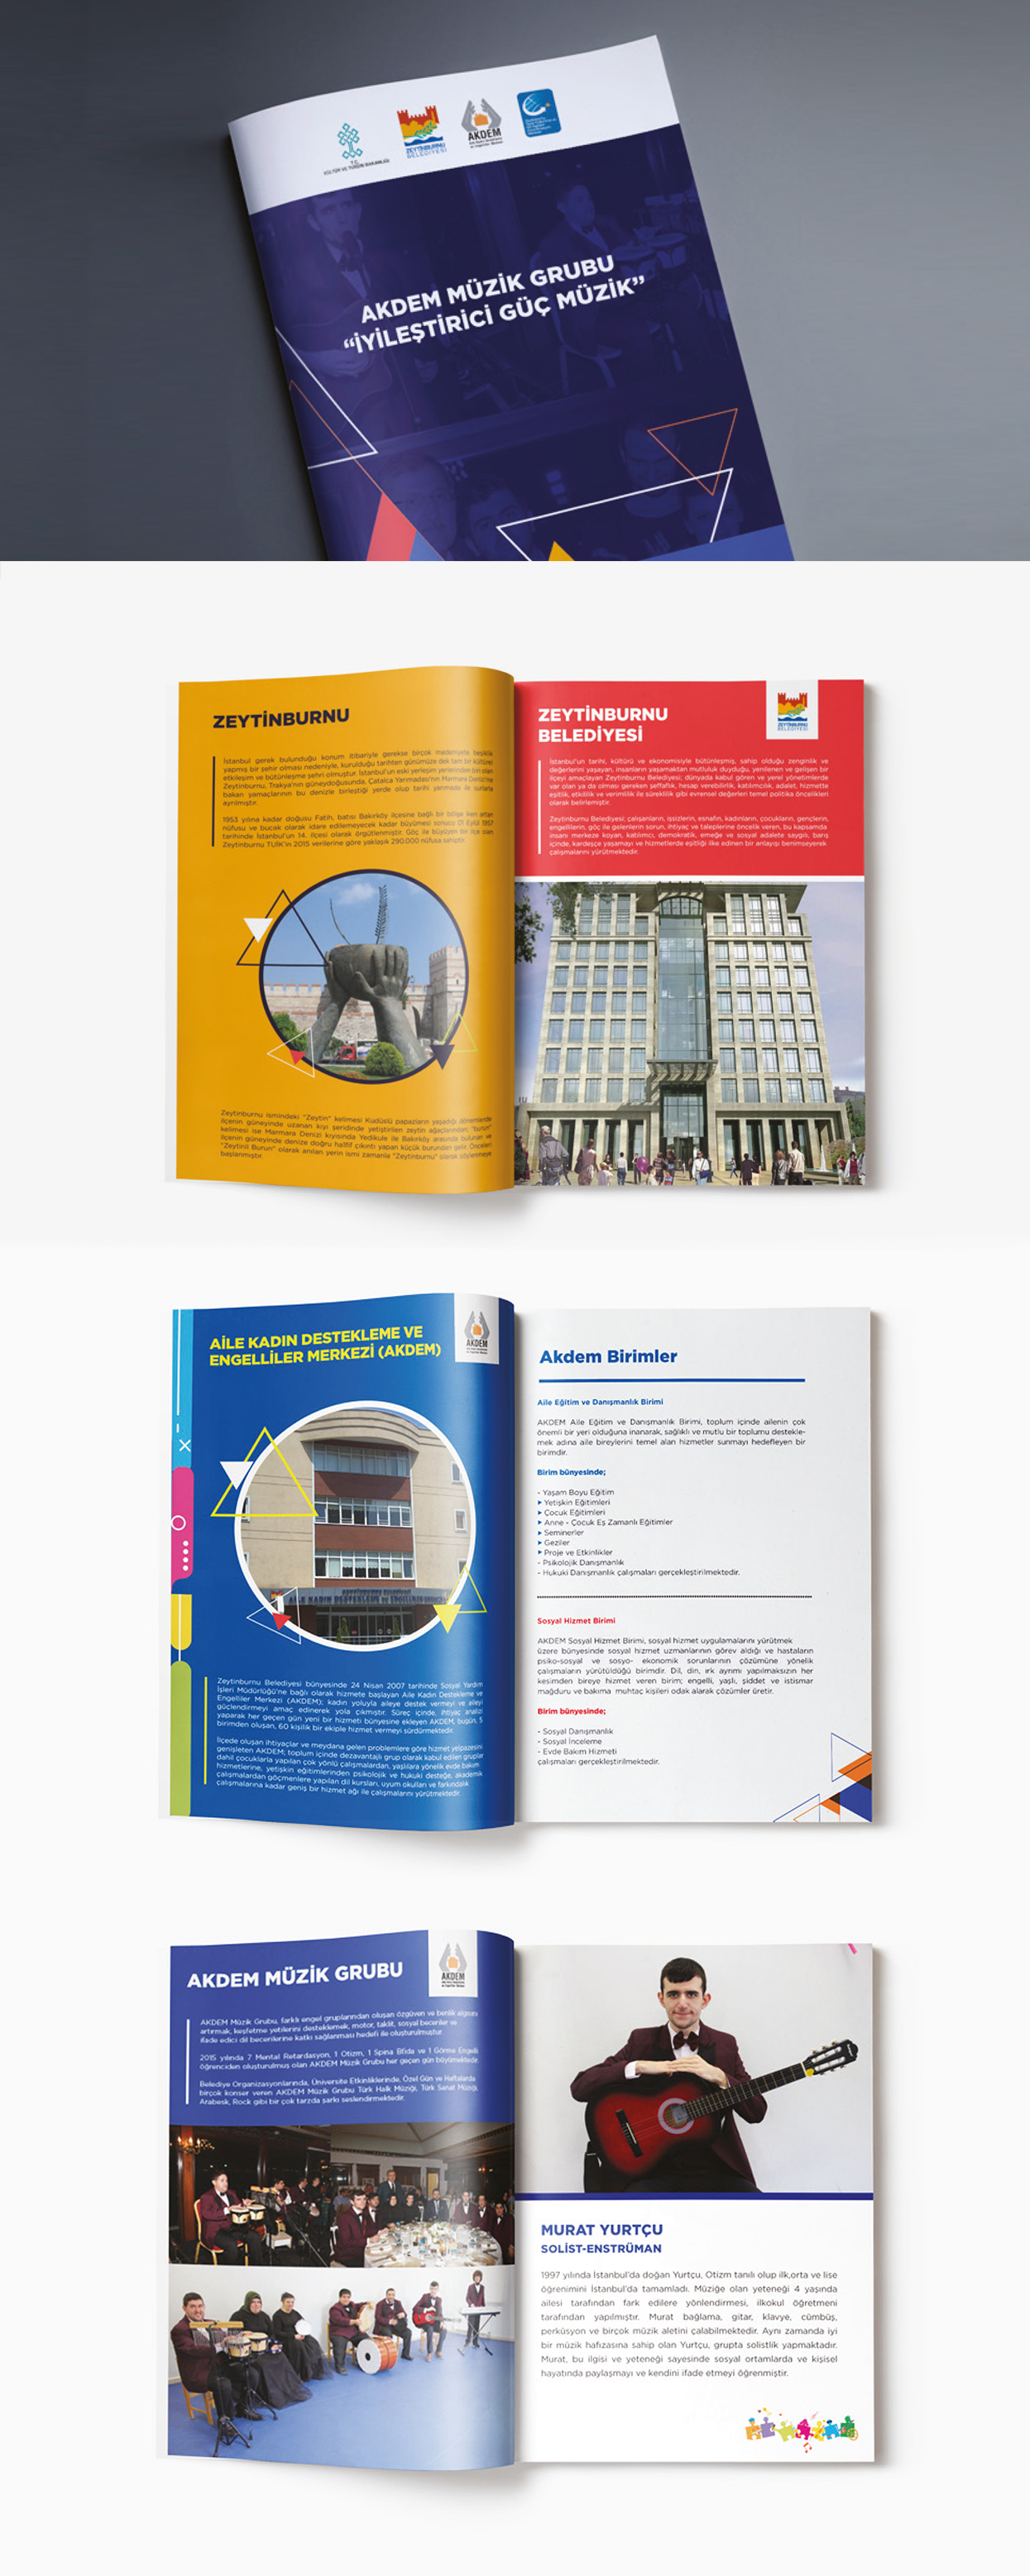 zeytinburnu-belediyesi-brosur-tasarimi